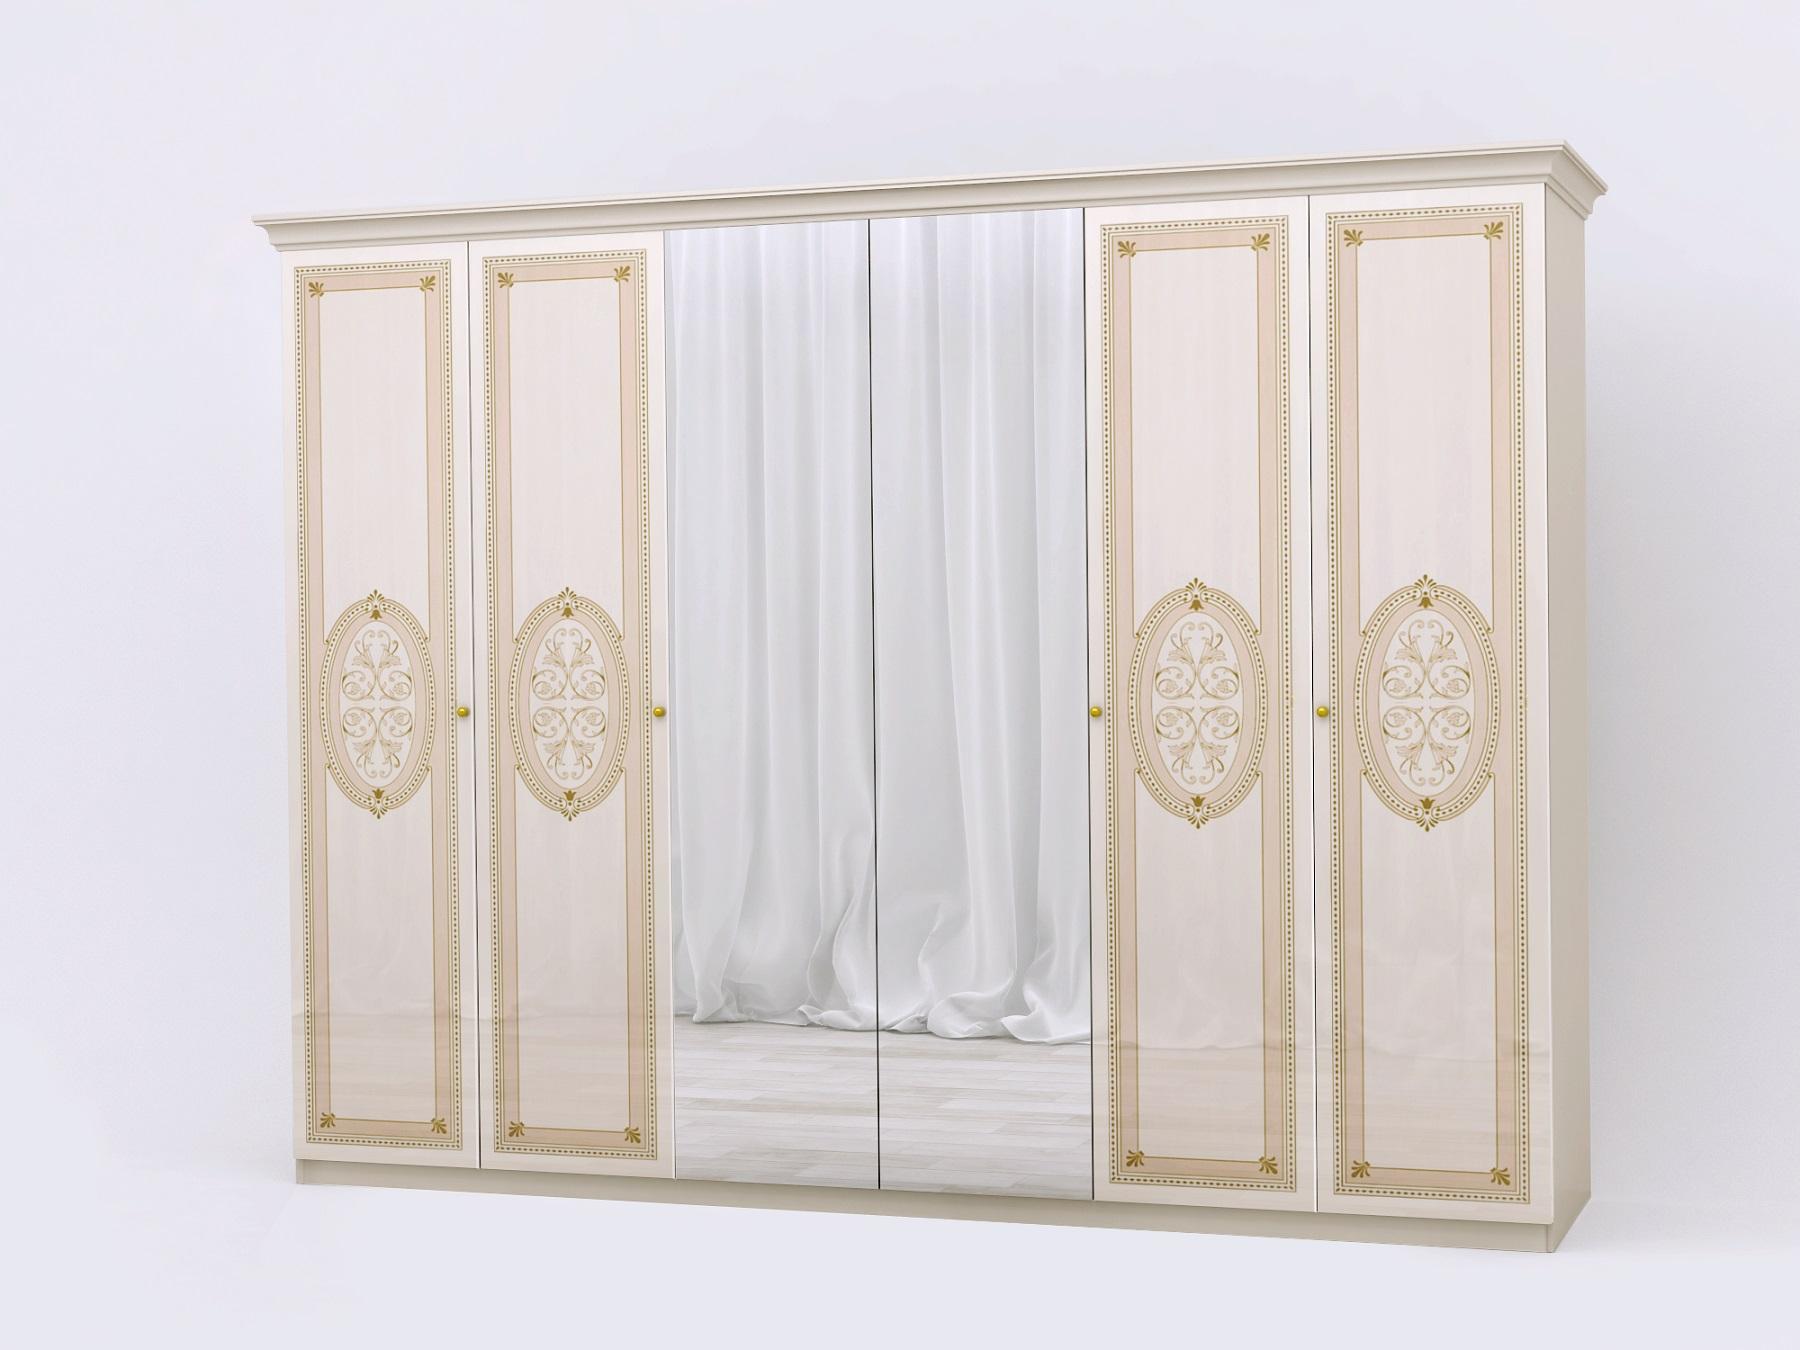 Schlafzimmer Lana Beige Klassischer Stil Bett 160x200 Schrank 6 Id Set6